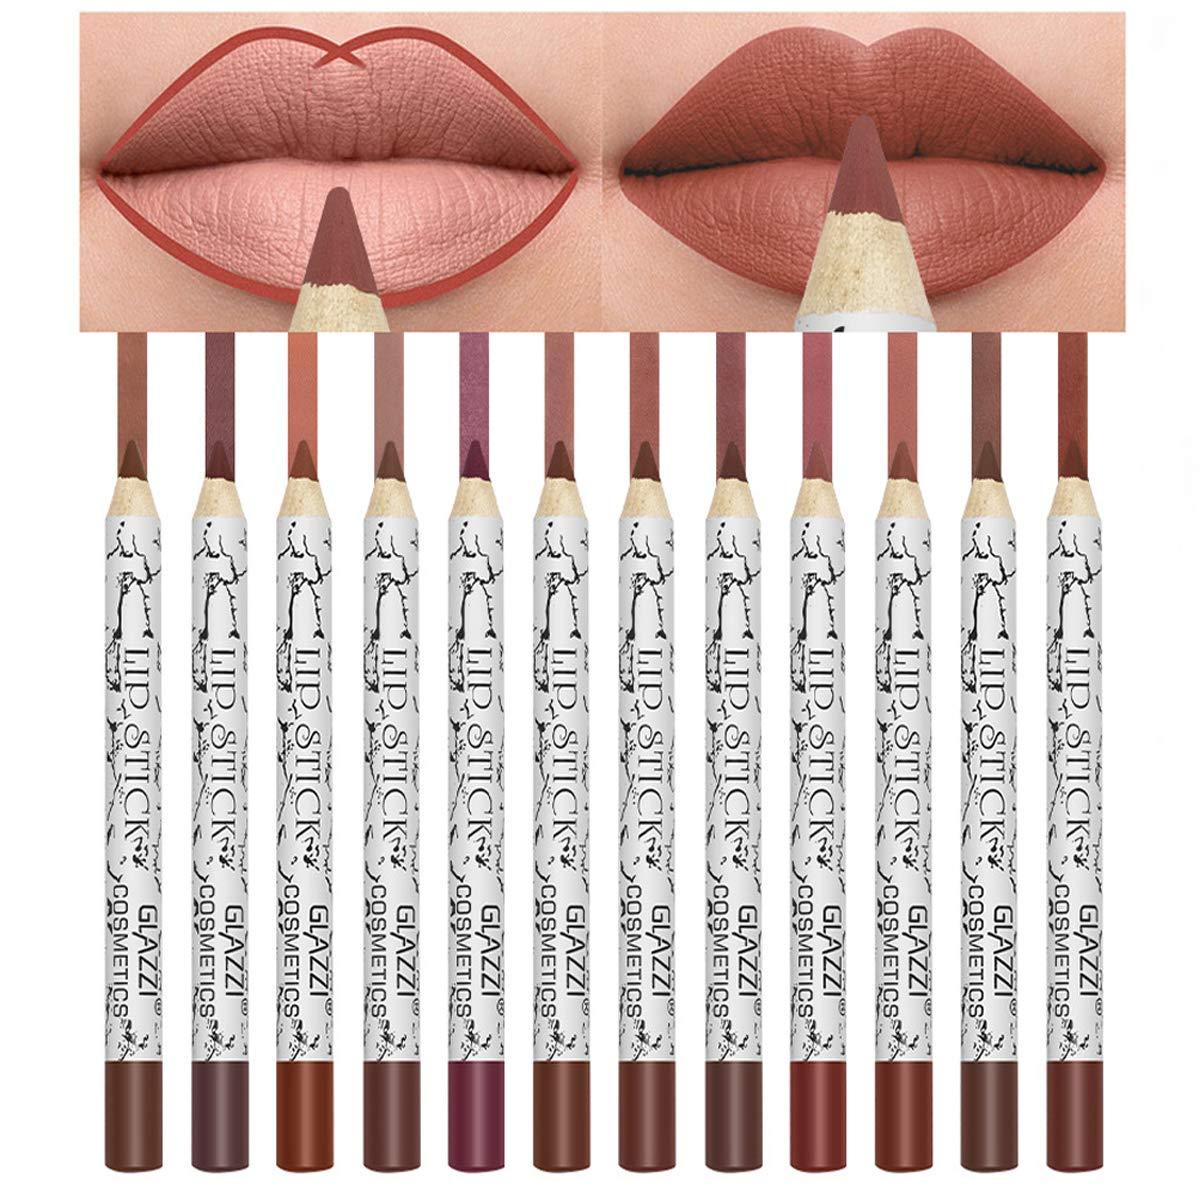 Lip Liner Pencil Set,12 Color Matt Smooth Waterproof lip pencil set lip pencil set, Natural Long Lasting Makeup Lip Liners